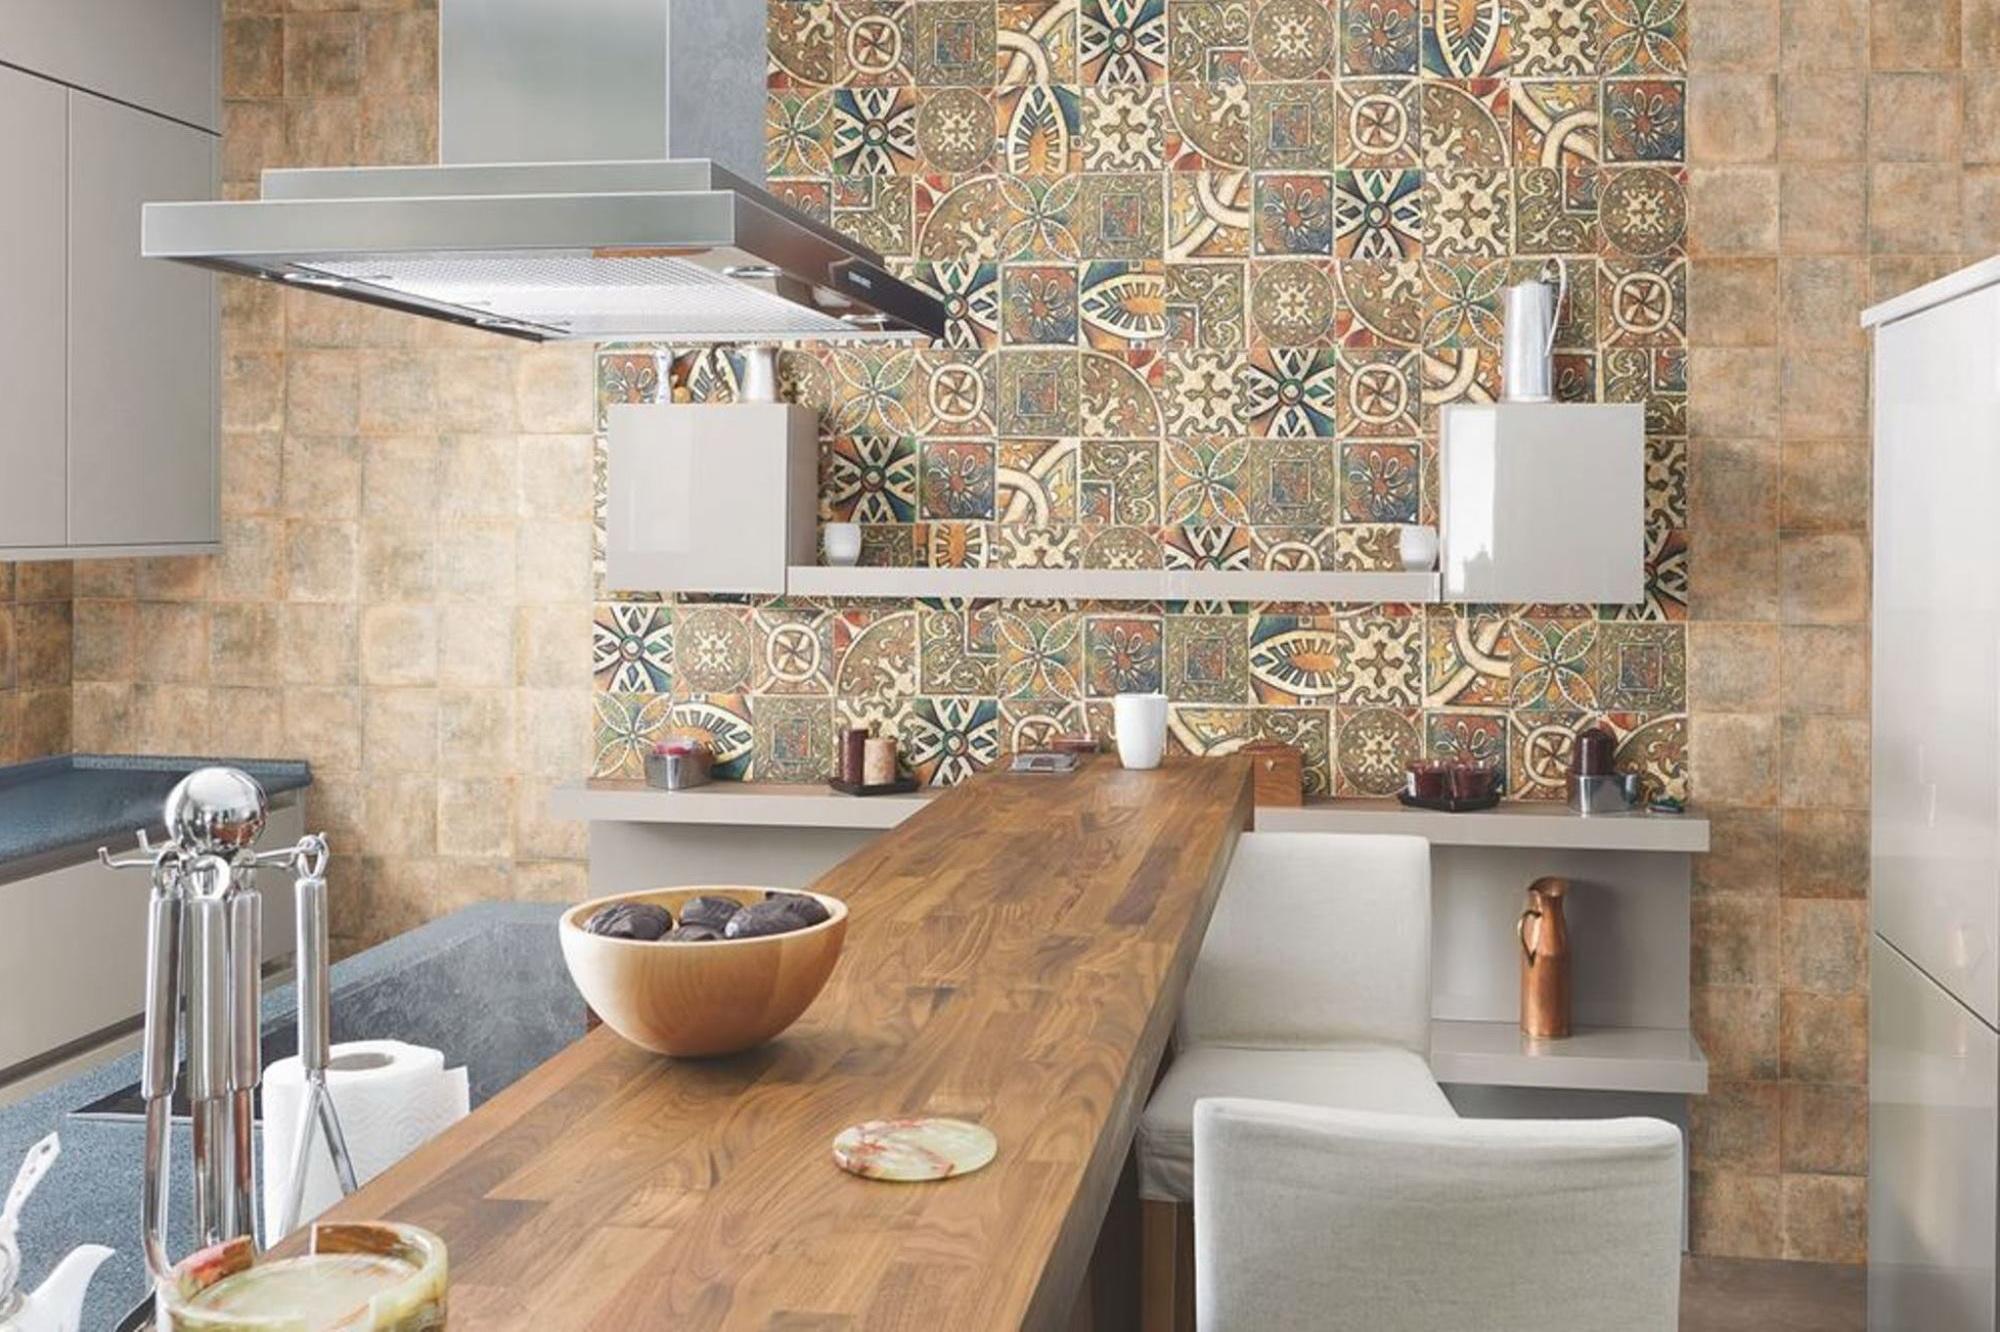 Сочетание кафельной плитки и обоев на кухне фото идеи